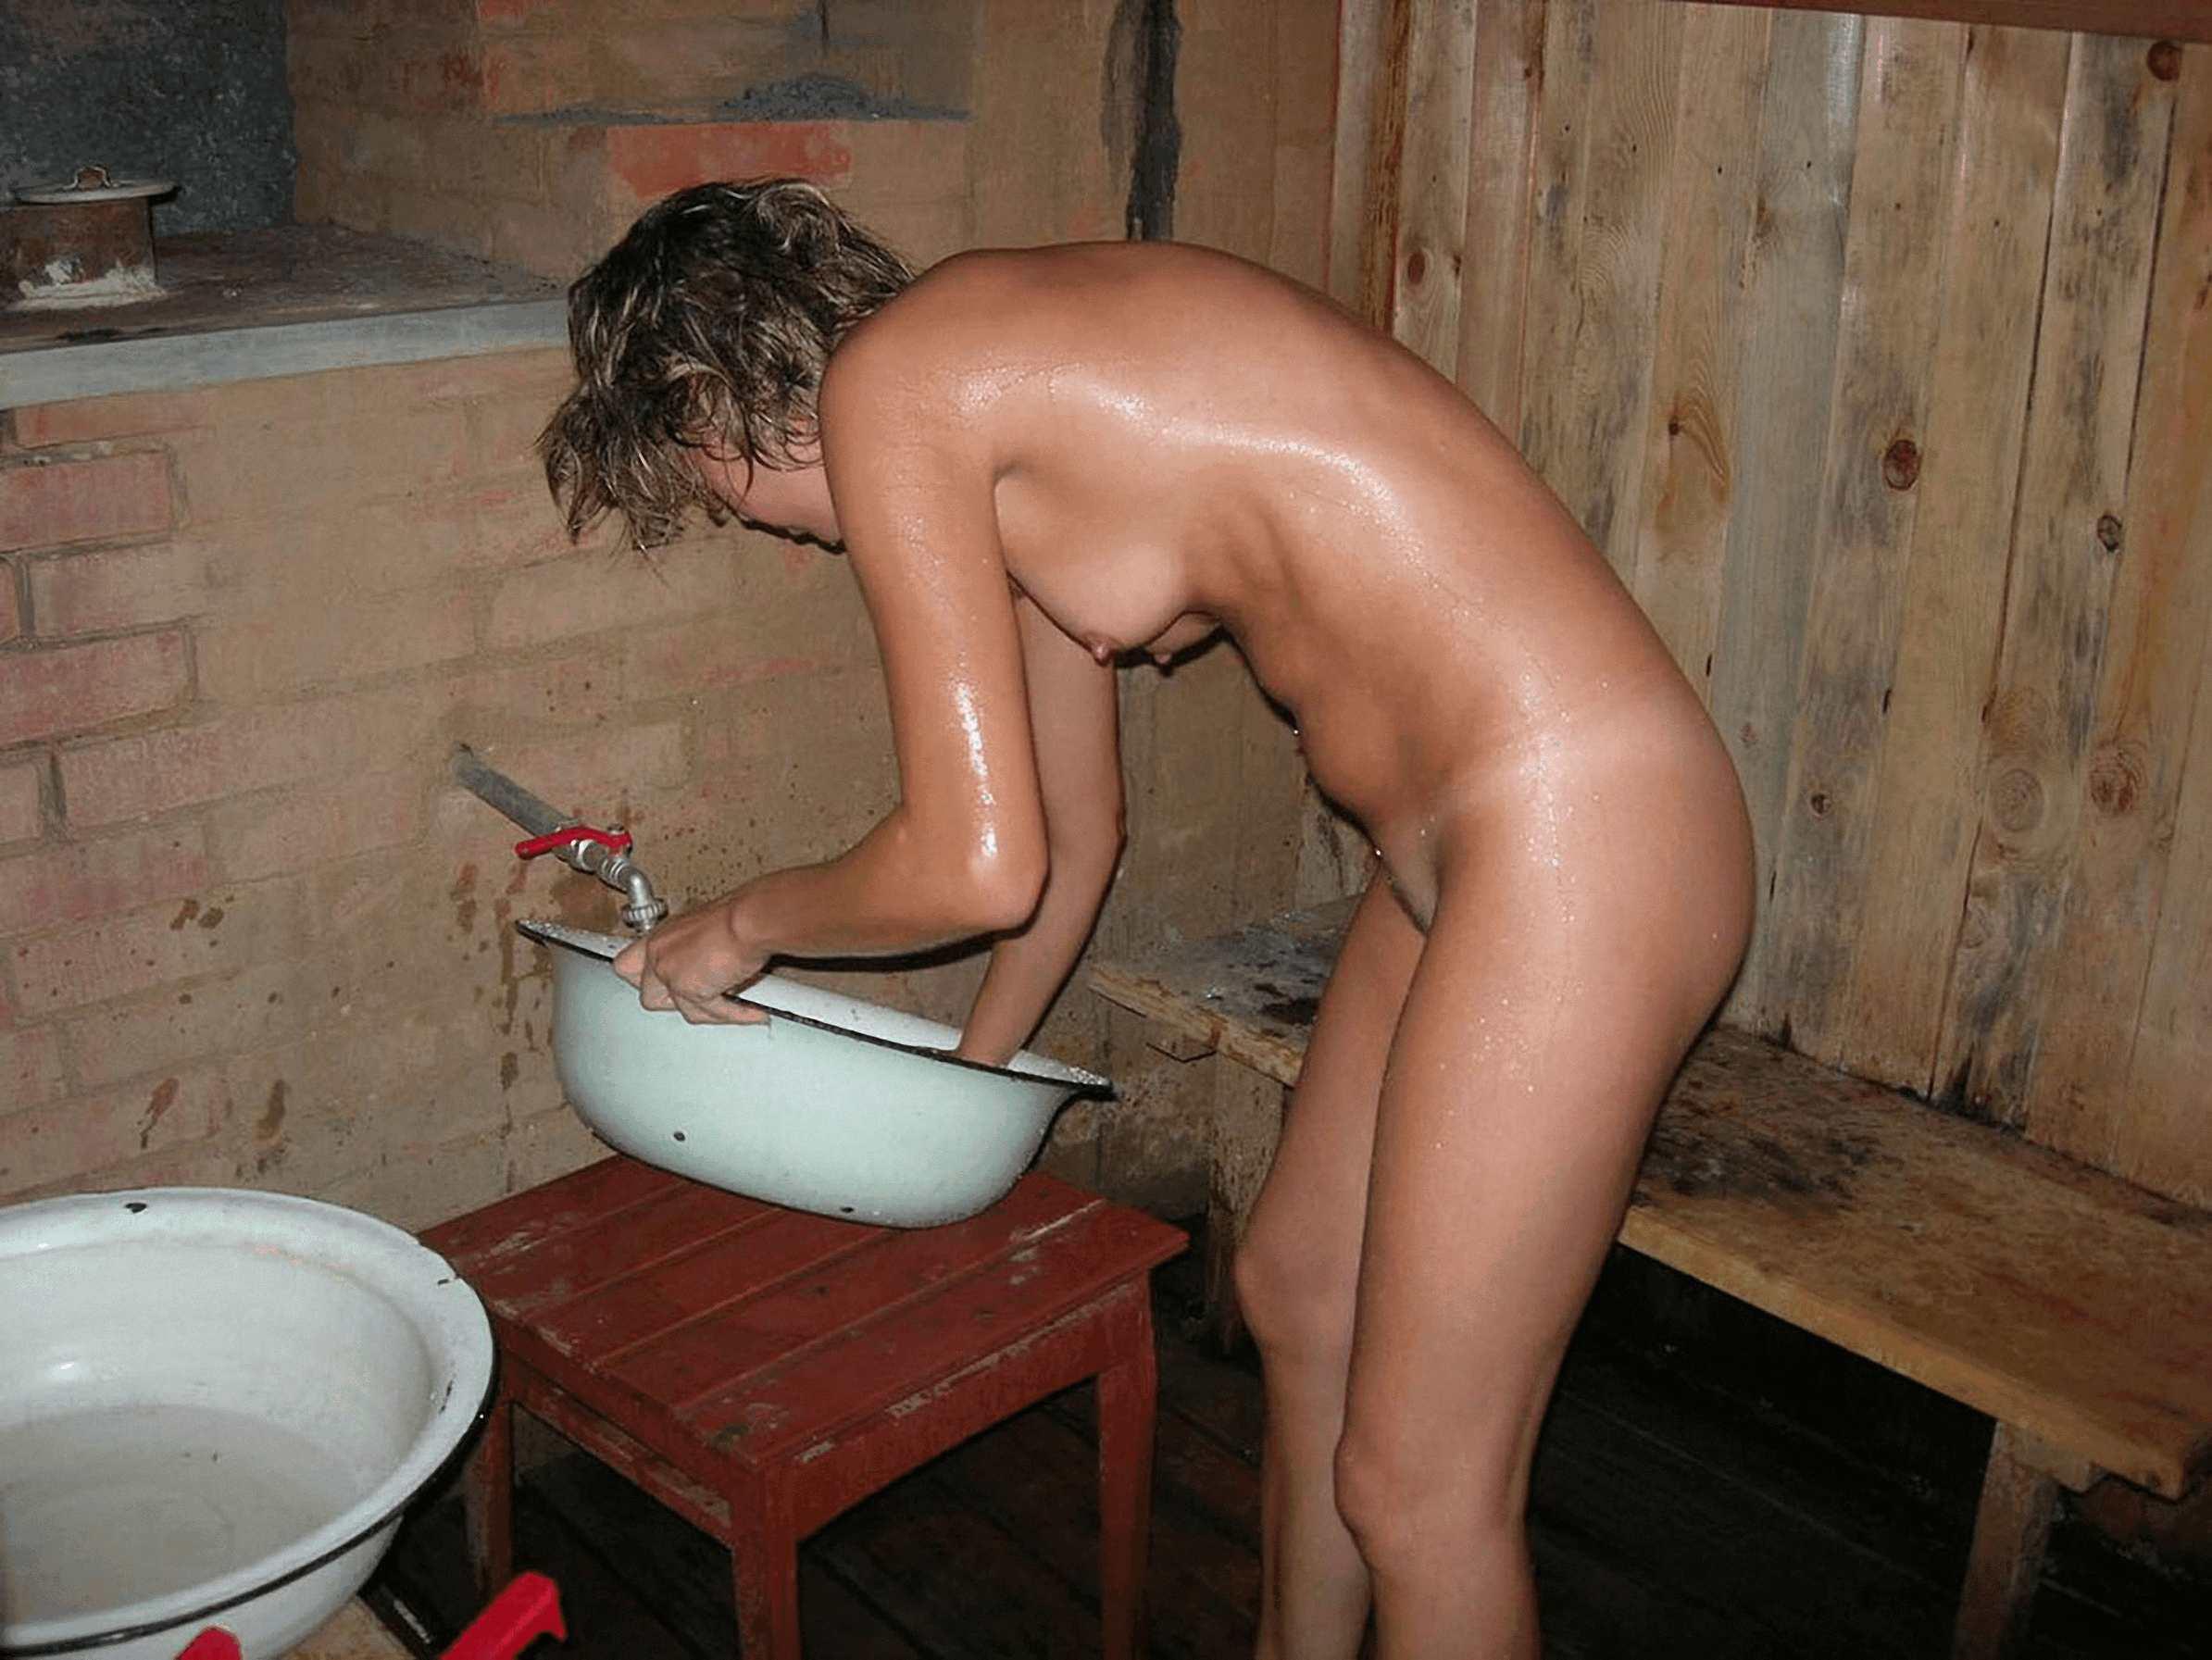 Эротика женщины общественная баня 7 фотография